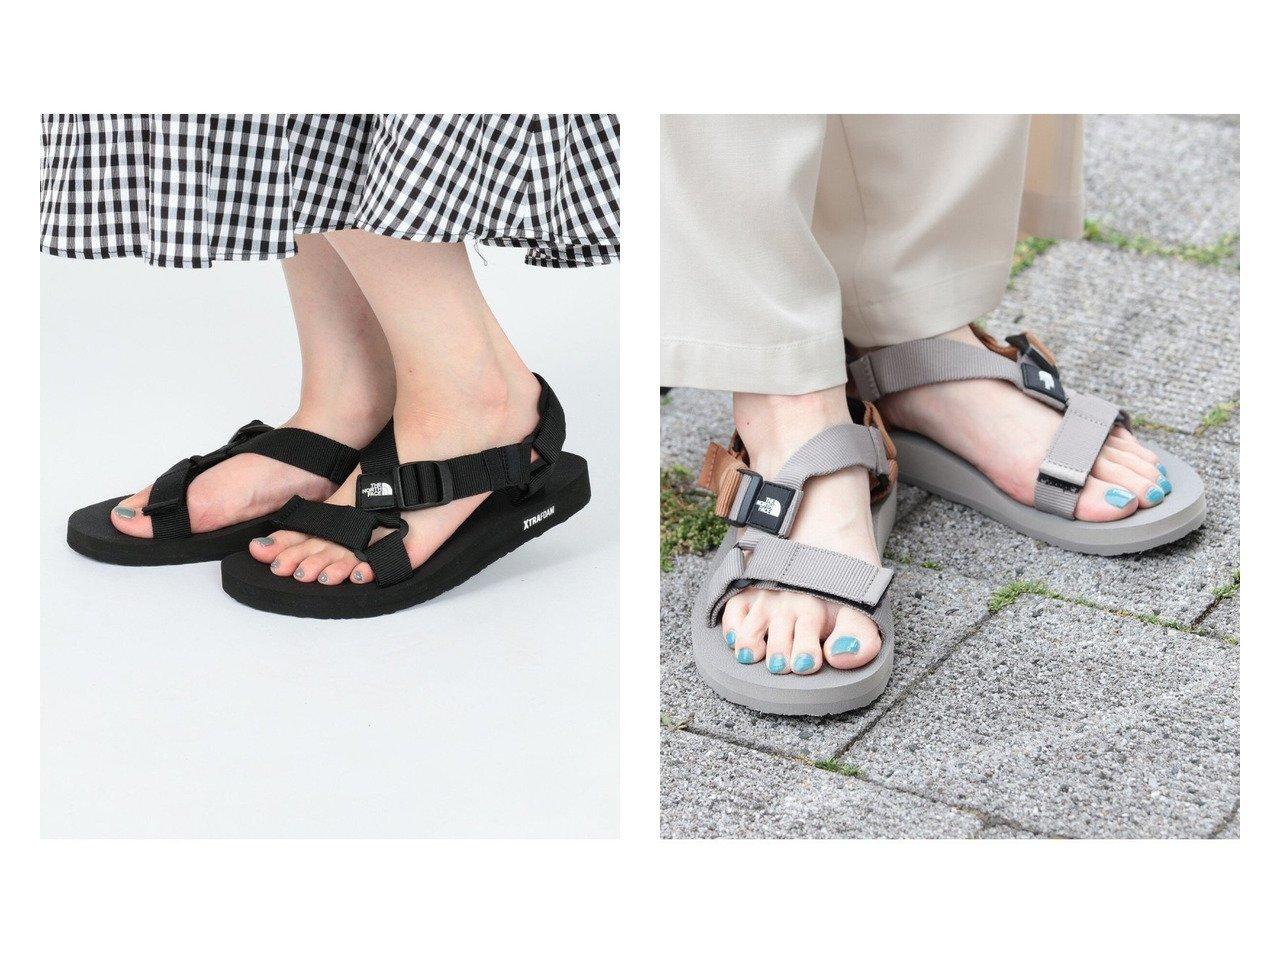 【Ray BEAMS/レイ ビームス】のUltra Stratum Sandal 【シューズ・靴】おすすめ!人気、トレンド・レディースファッションの通販 おすすめで人気の流行・トレンド、ファッションの通販商品 インテリア・家具・メンズファッション・キッズファッション・レディースファッション・服の通販 founy(ファニー) https://founy.com/ ファッション Fashion レディースファッション WOMEN おすすめ Recommend クッション サンダル シューズ スポーツ ミュール 軽量 |ID:crp329100000053135